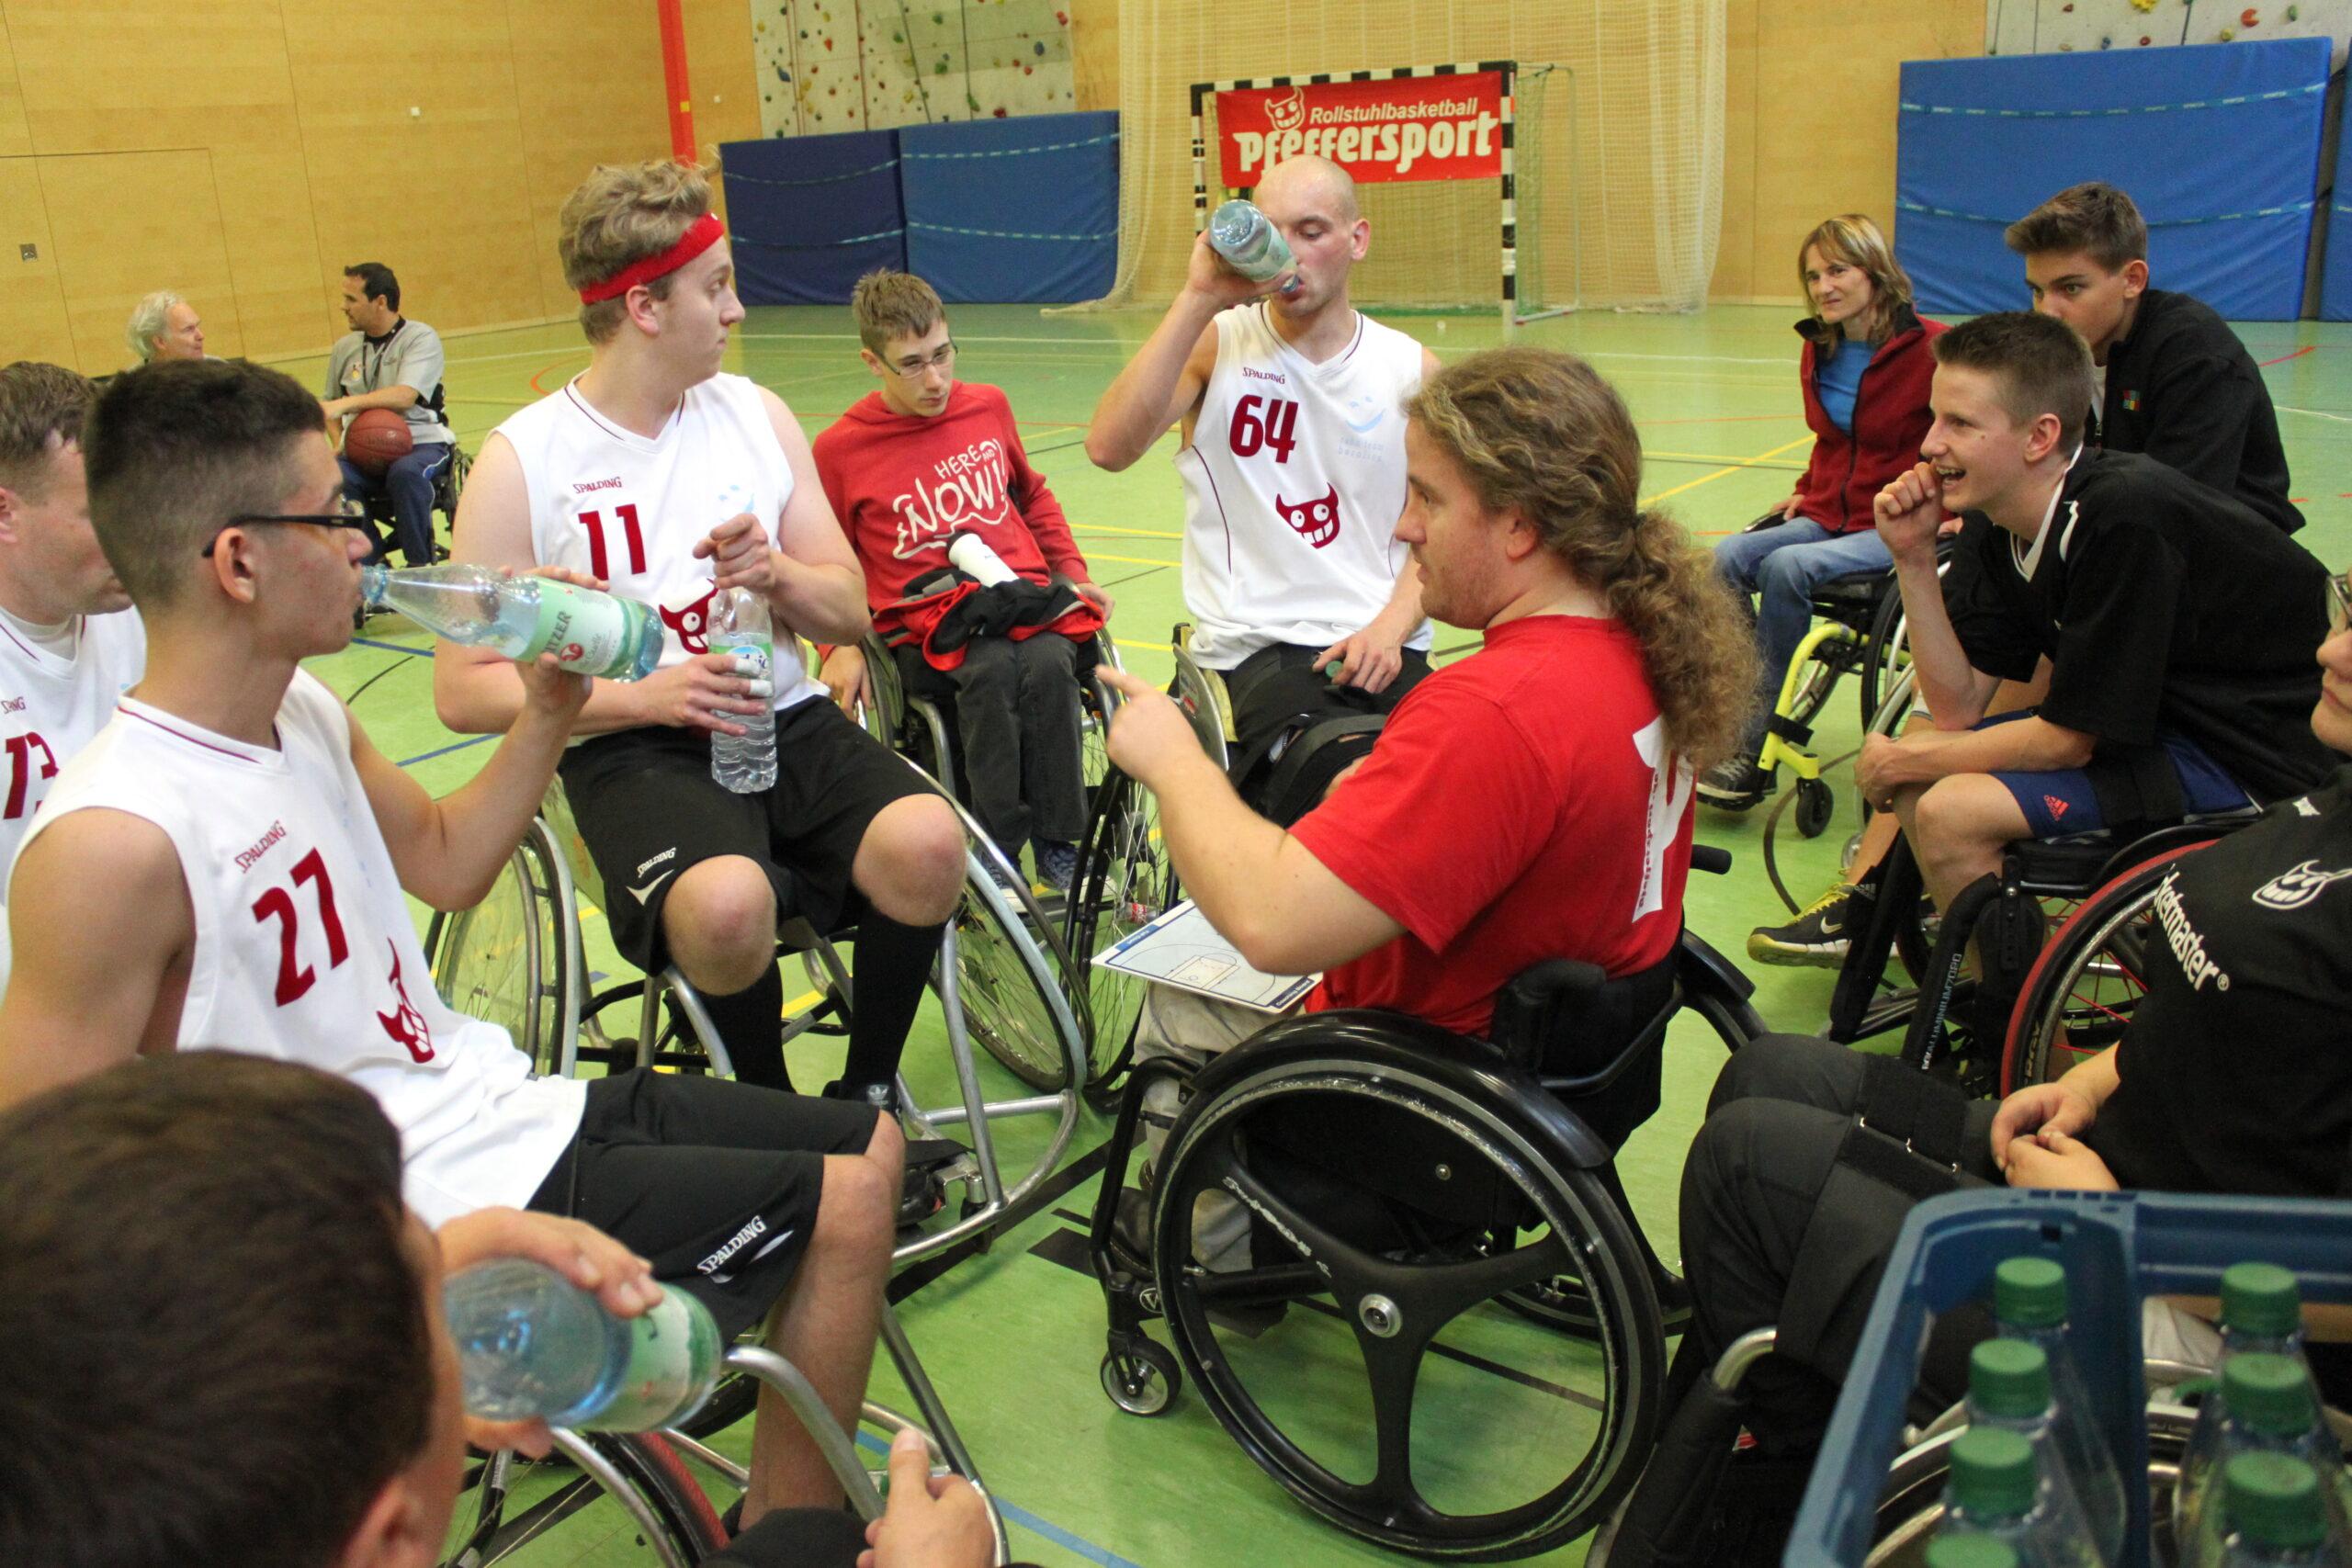 Christoph Pisarz mit mehreren anderen Rollstuhlfahrern in einer Trainingshalle. Er sitzt in der Mitte der anderen, hat eine Magnettafel in Form eines Basketball-Feldes auf dem Schoß und blickt zu den anderen. Einige von ihnen trinken aus Flaschen, Foto: Pfeffersport e. V.